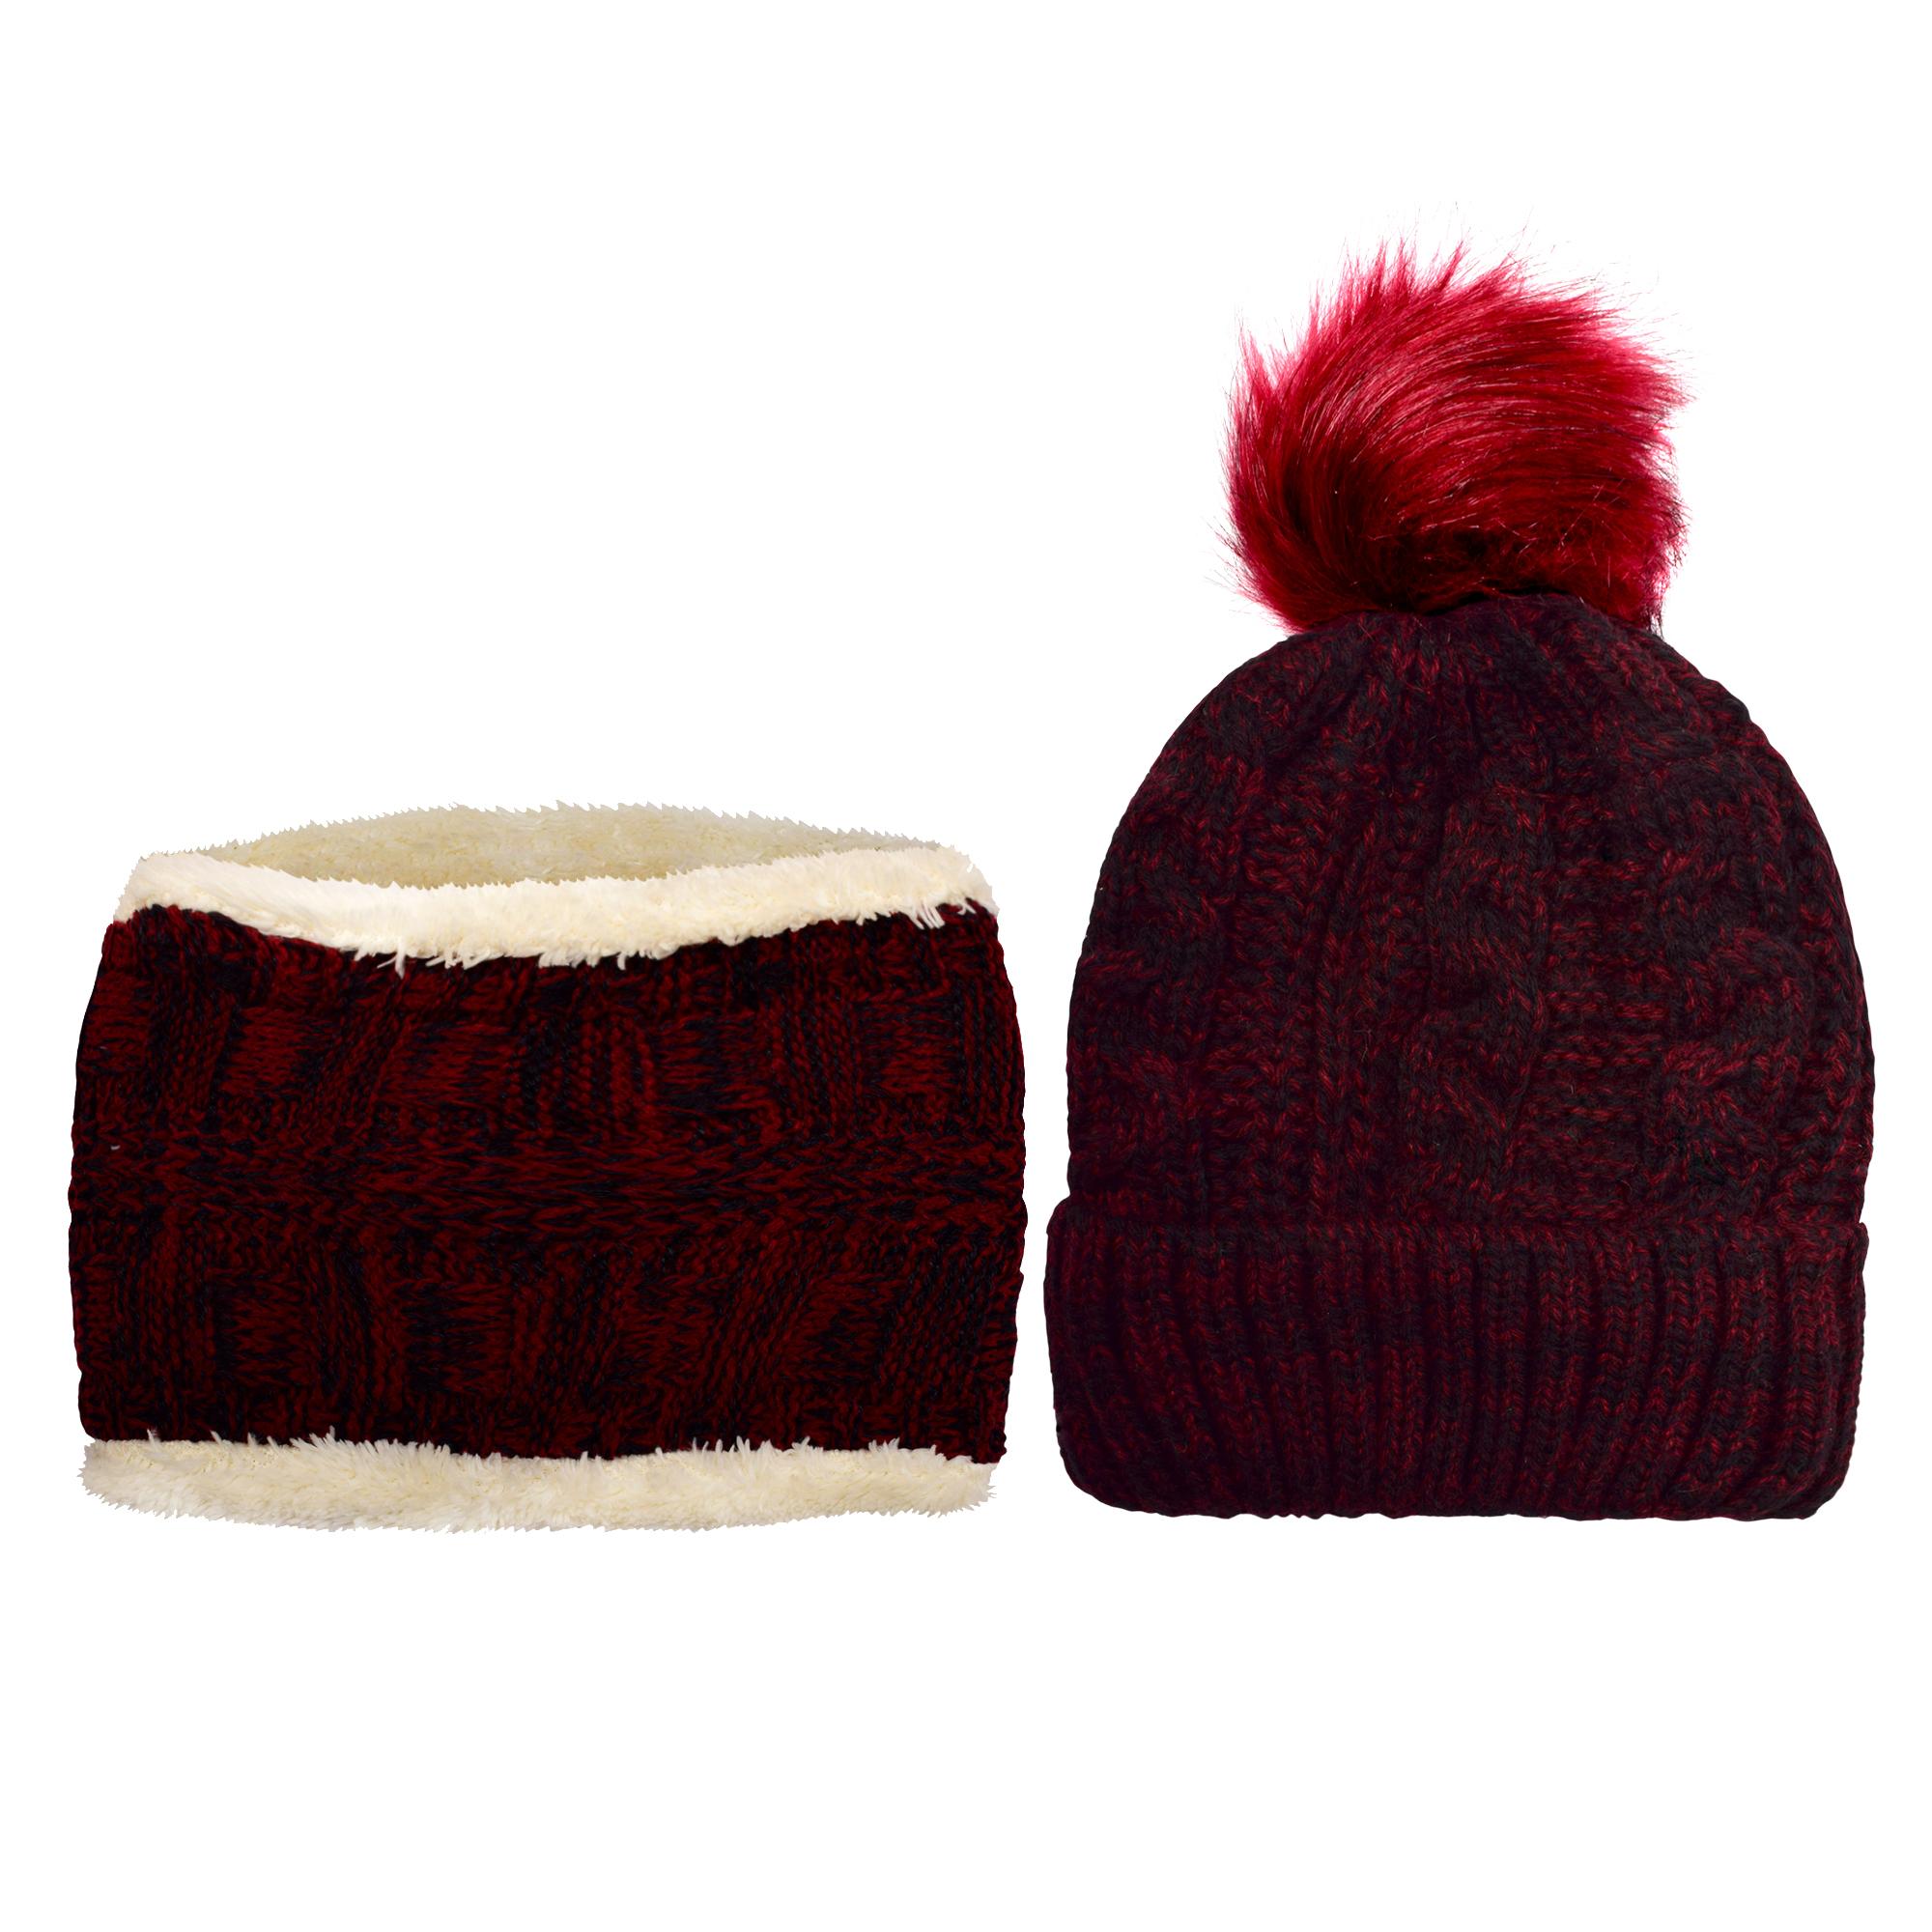 ست کلاه و شال گردن بافتنی بچگانه کد P0144-3